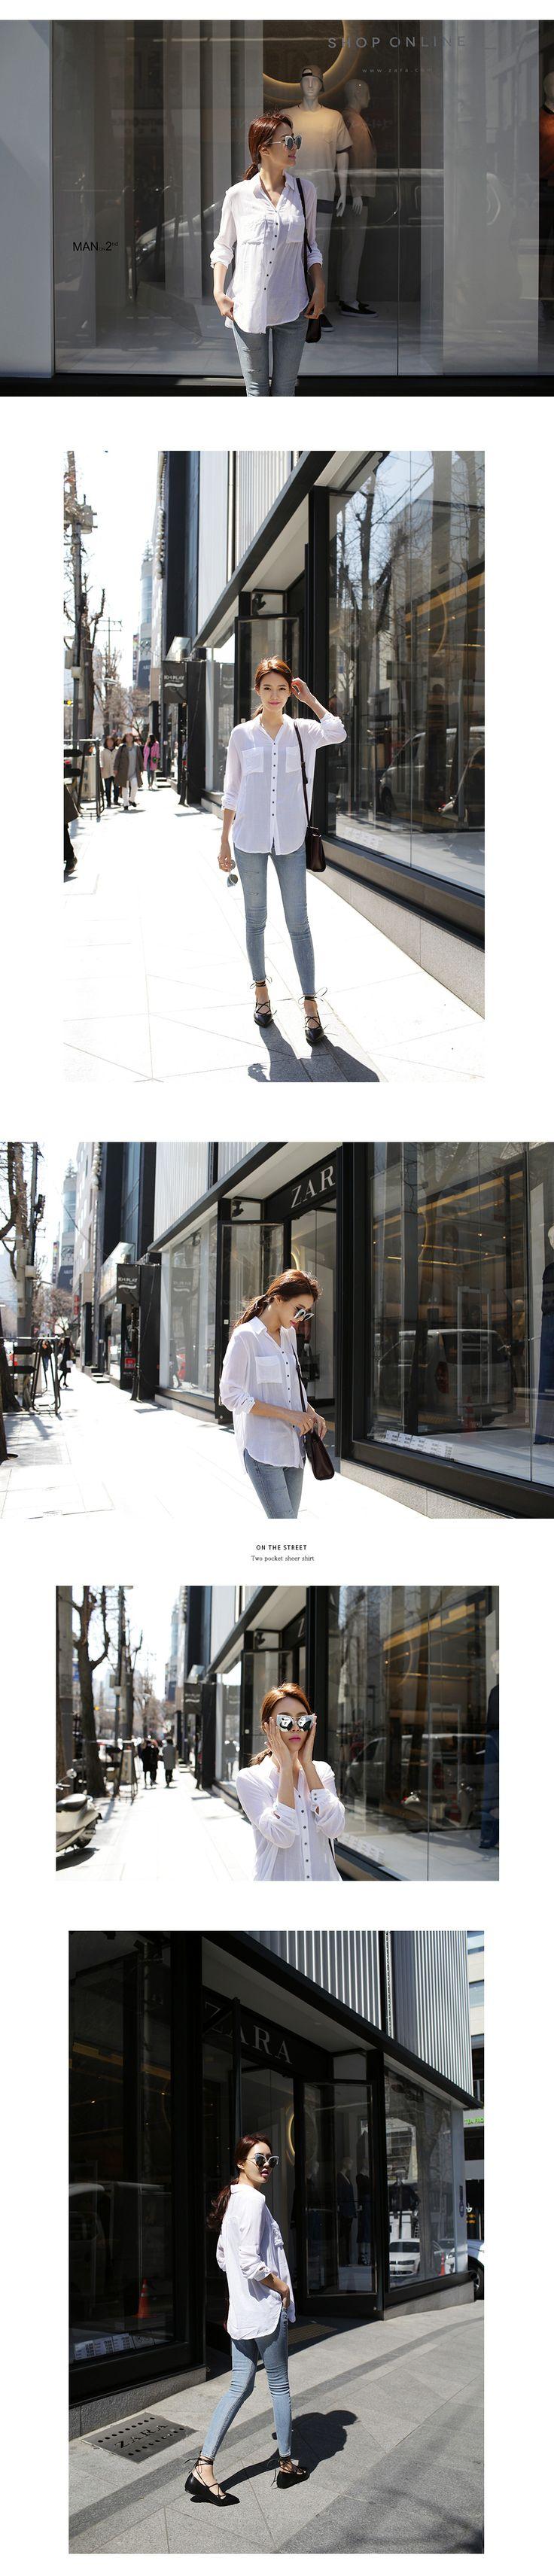 ロングストラップブラックフラットシューズ・全1色シューズ・靴フラットシューズ レディースファッション通販 DHOLICディーホリック [ファストファッション 水着 ワンピース]